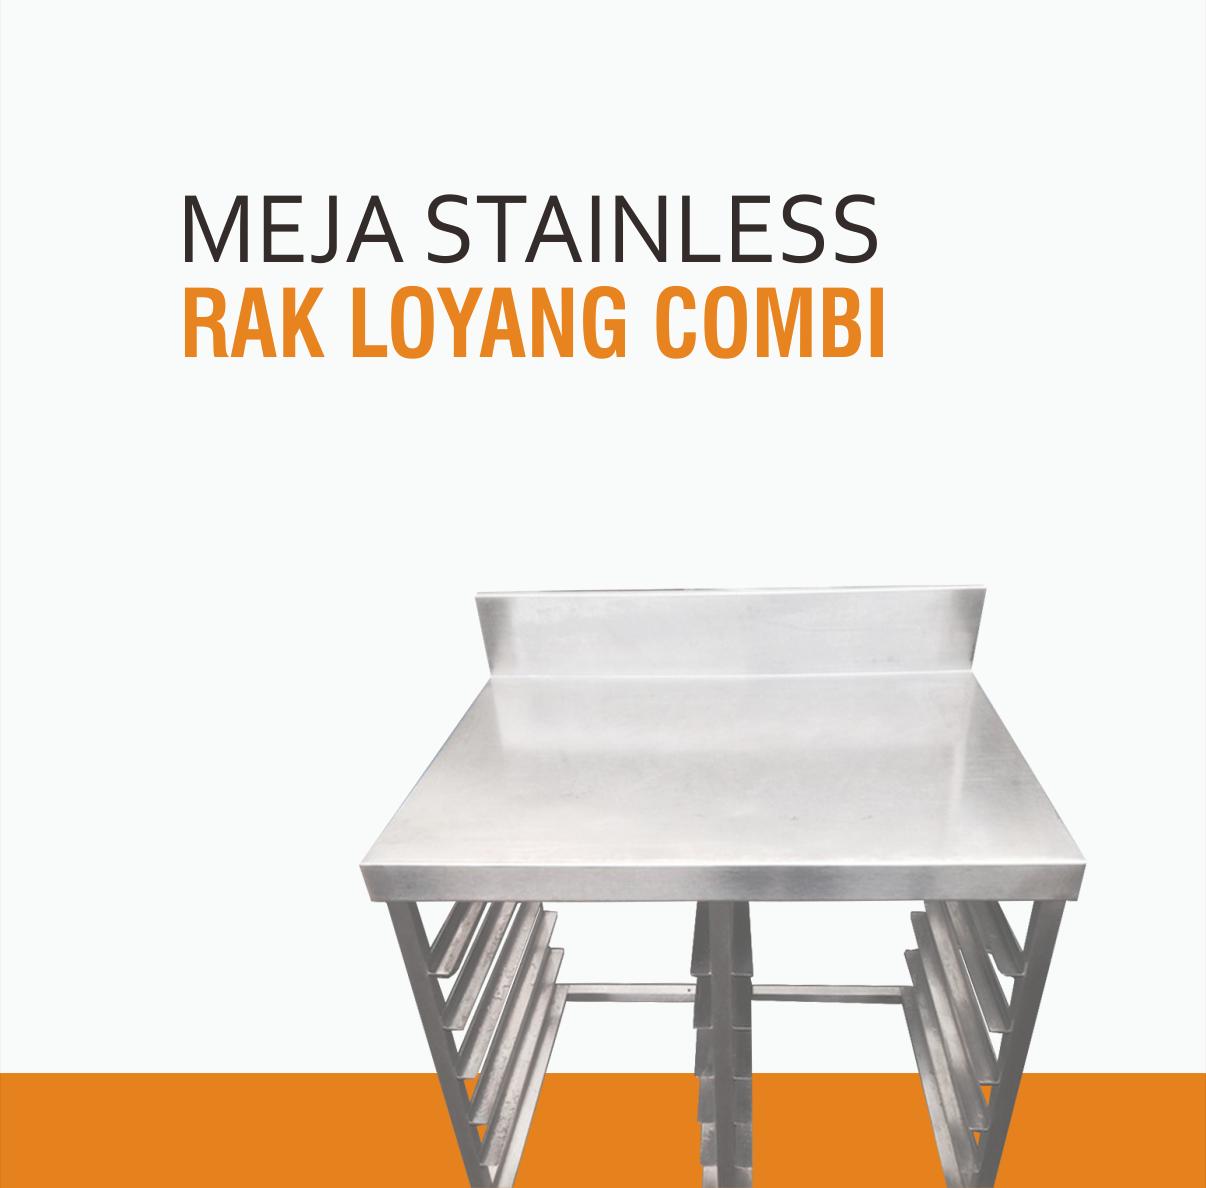 Harga Meja DapurHarga Meja Stainless Bakery Murah Plus Rak LoyangStainless Steel Murah dan Bagus